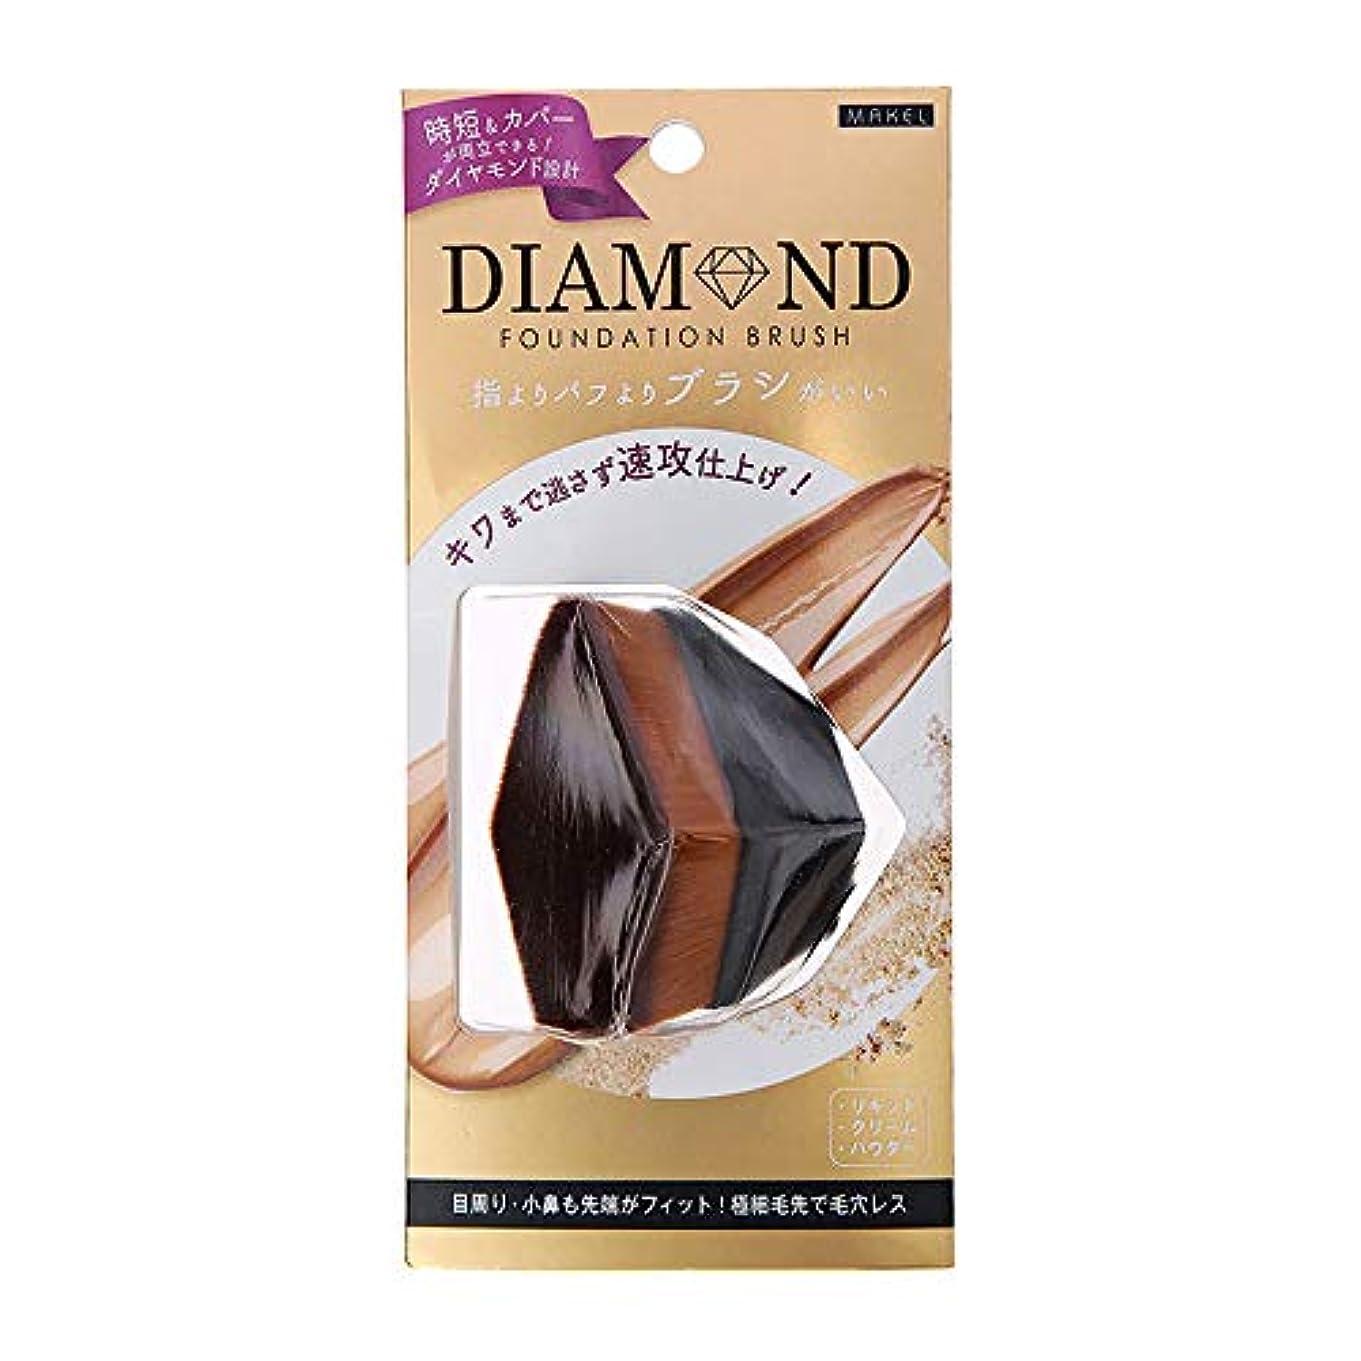 水不屈製油所ダイヤモンドファンデーションブラシ(ブラック) DIB1500